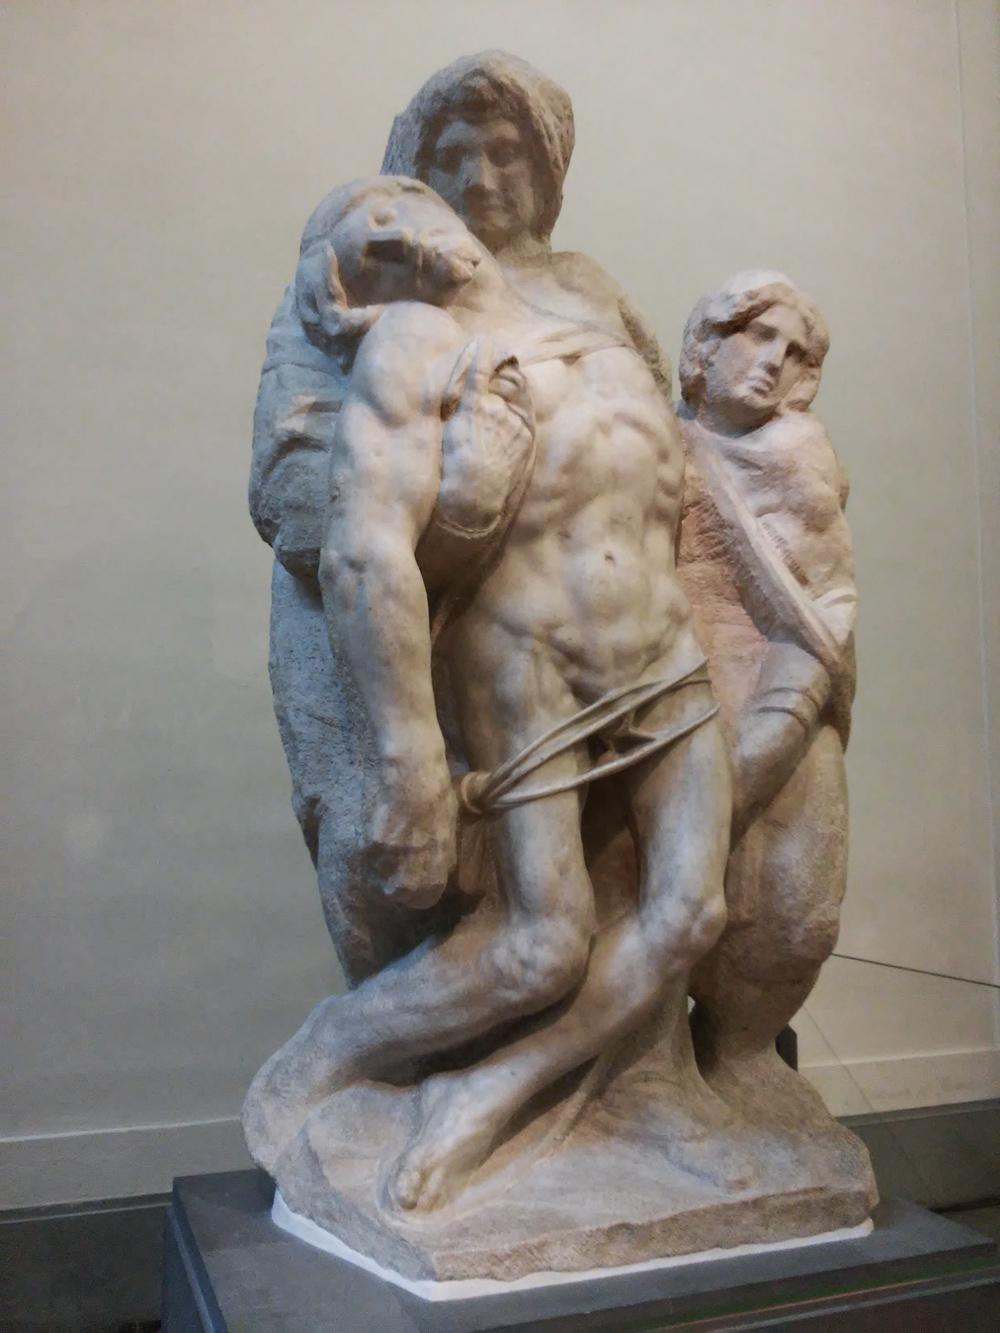 Attribuito a Michelangelo, Pietà di Palestrina